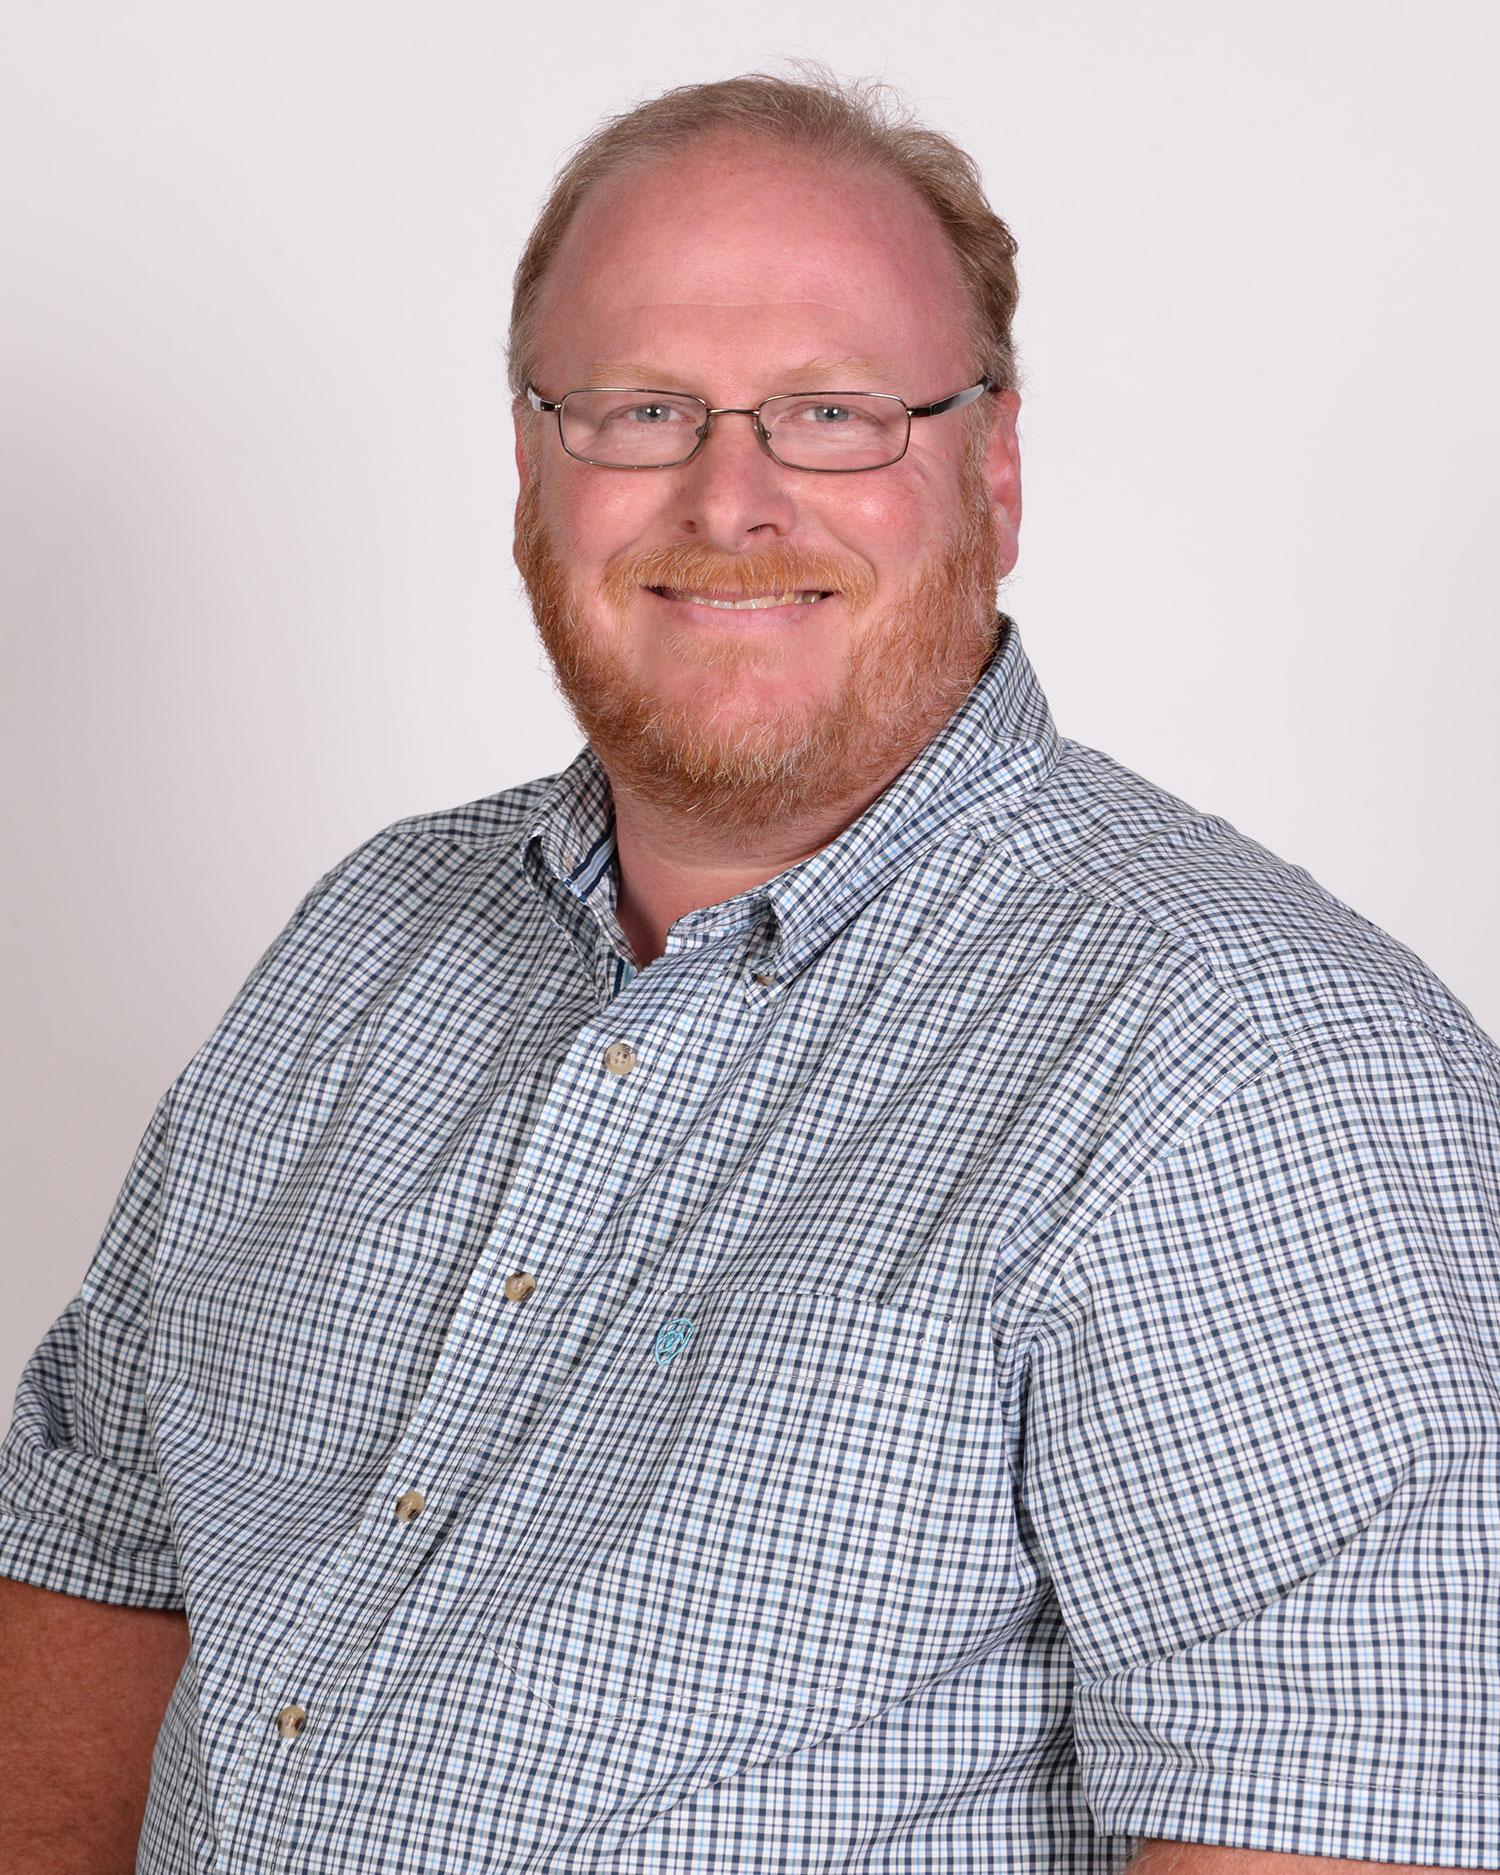 Jason Shrewsbury